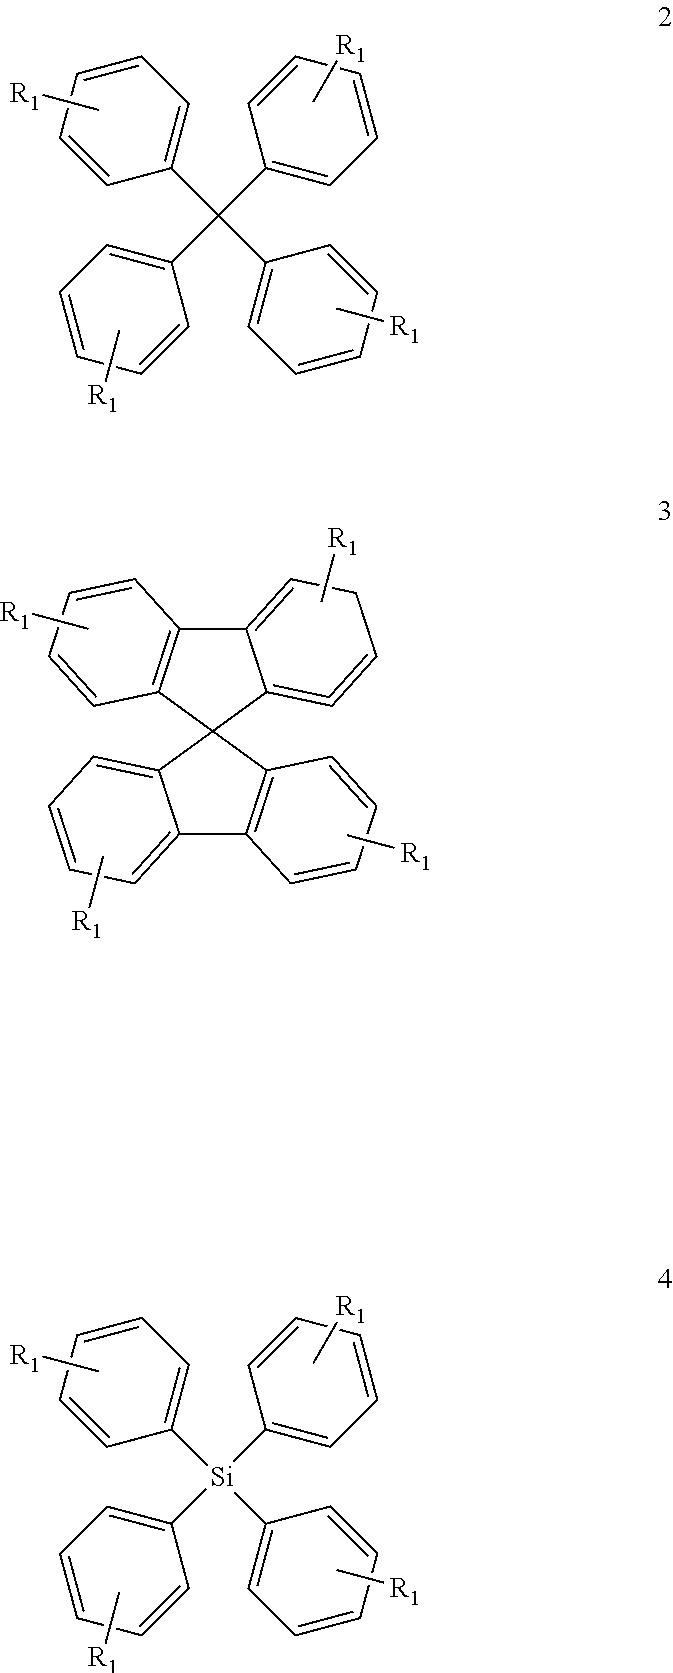 Figure US20130164875A1-20130627-C00002